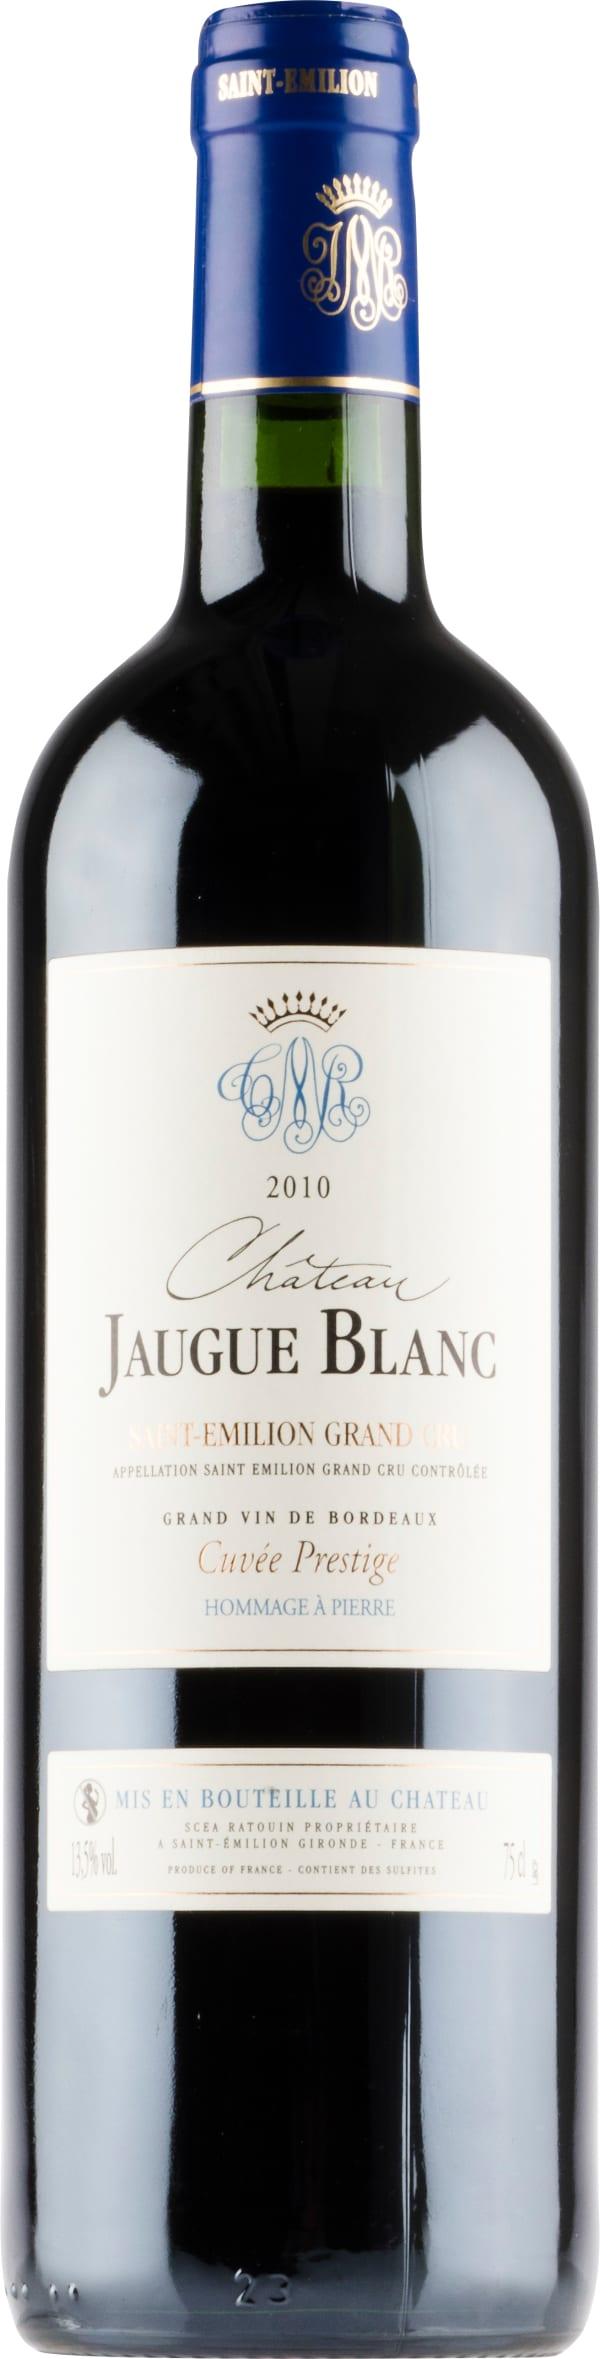 Château Jaugue Blanc 2010